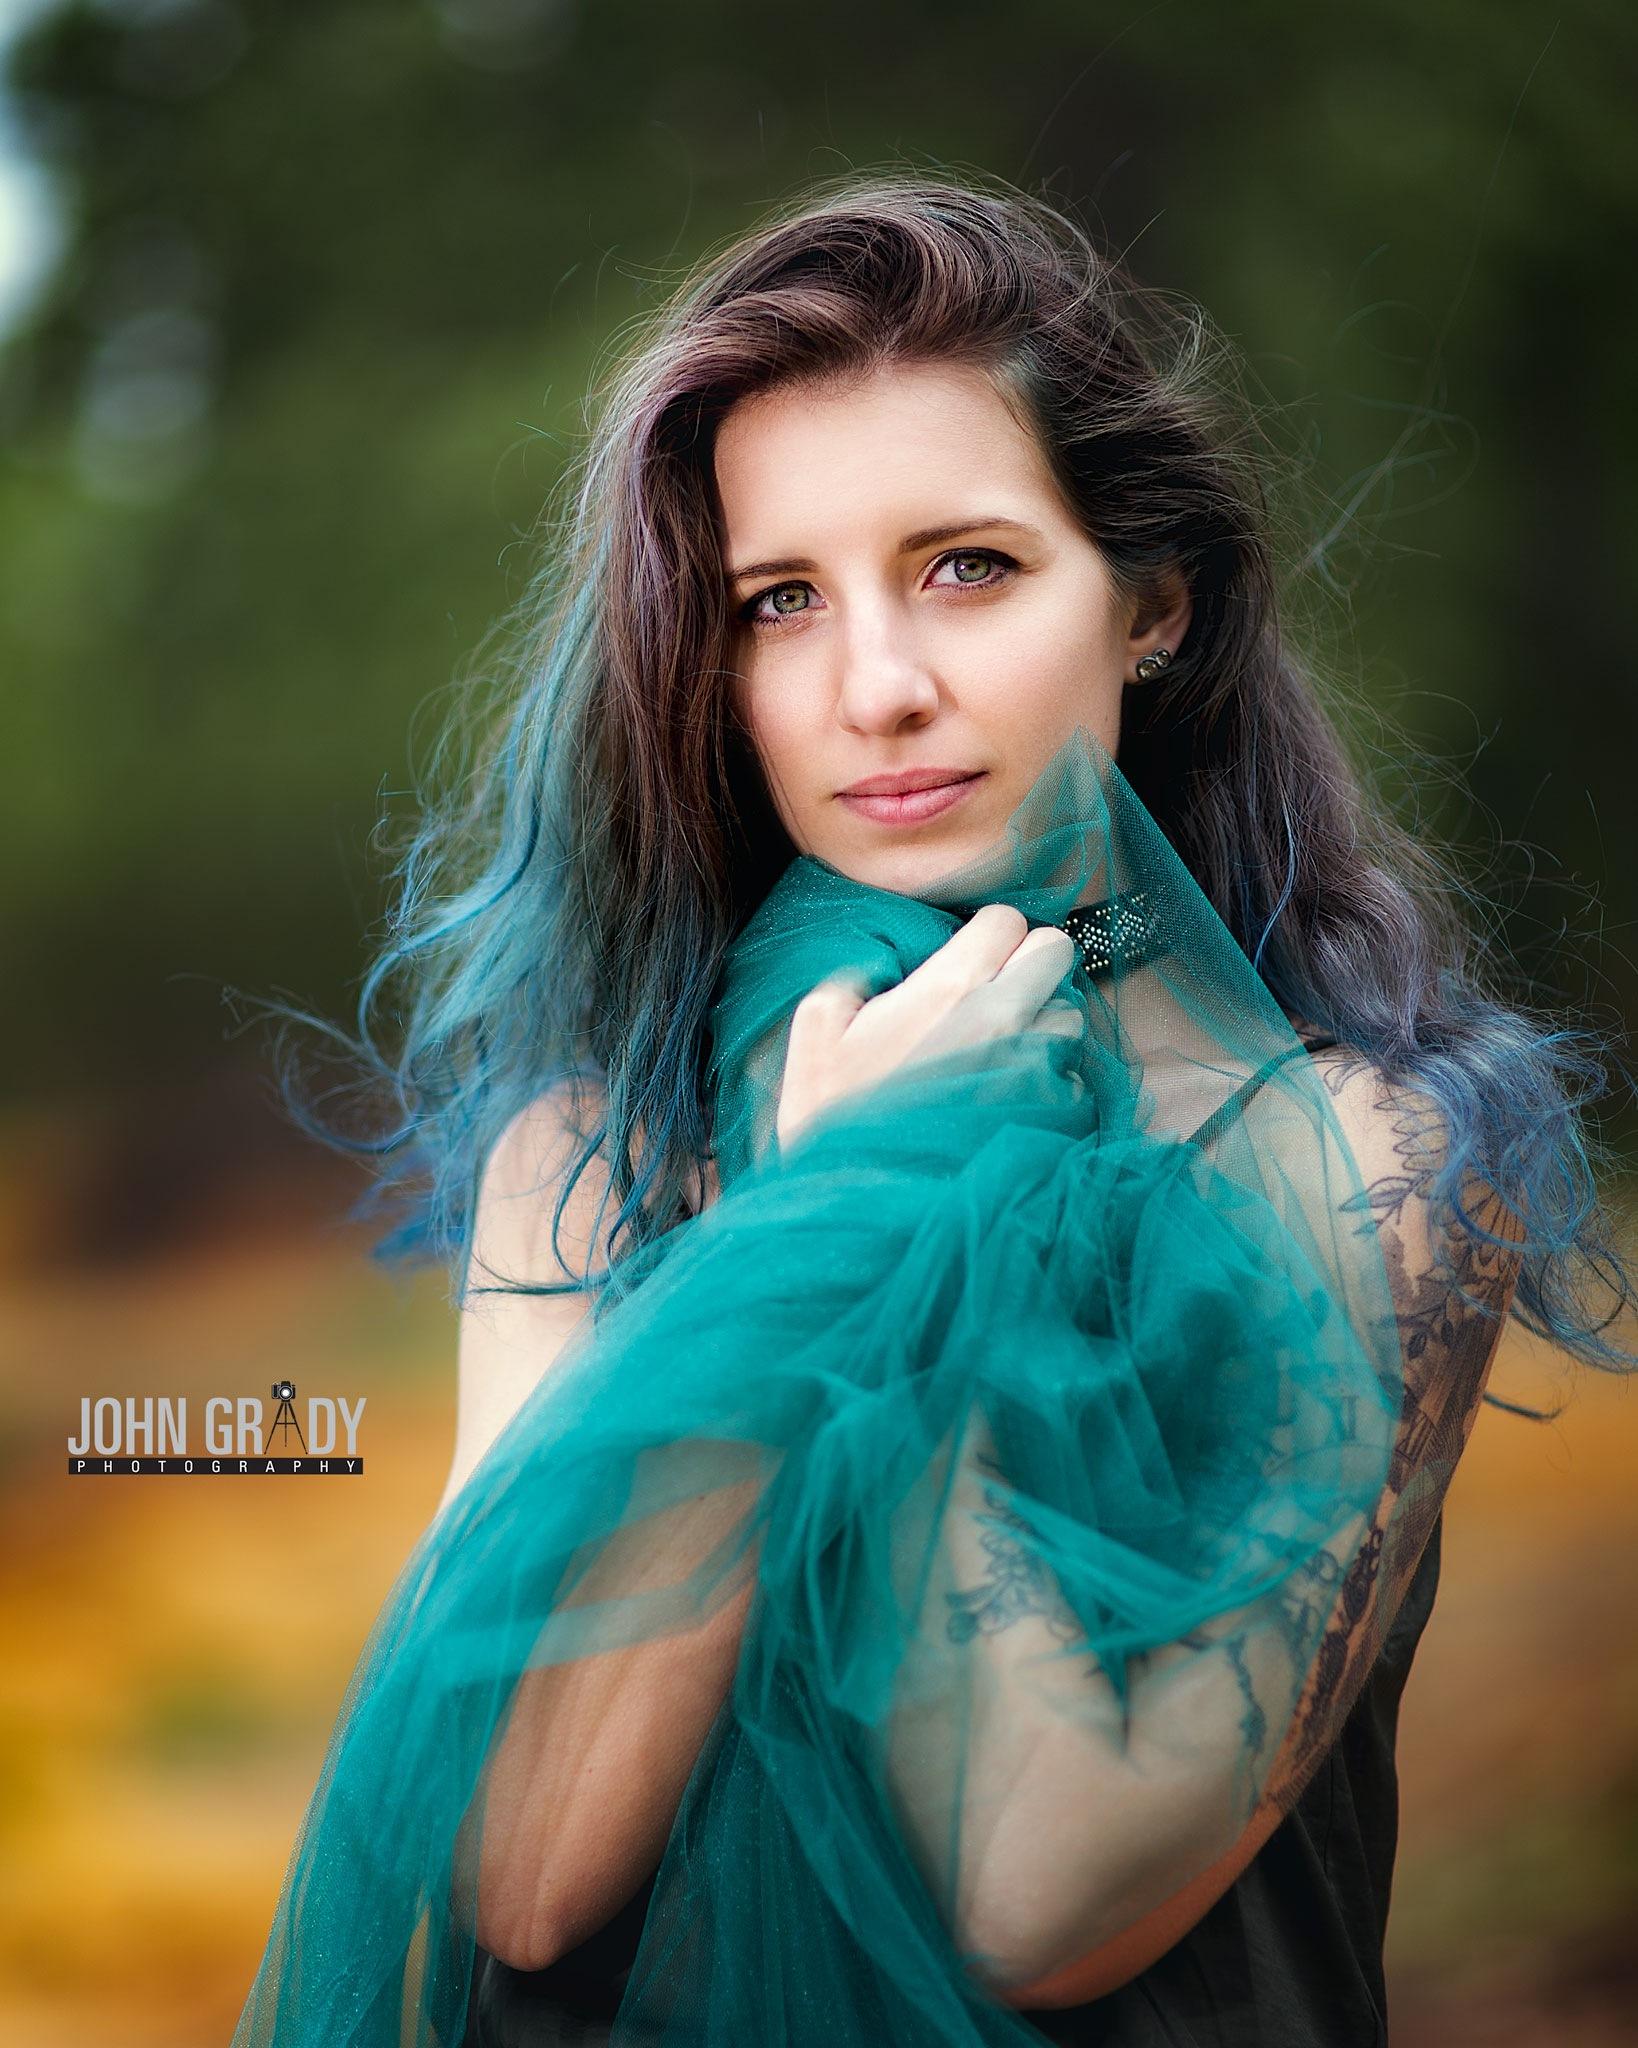 Lovely by John Grady Photography